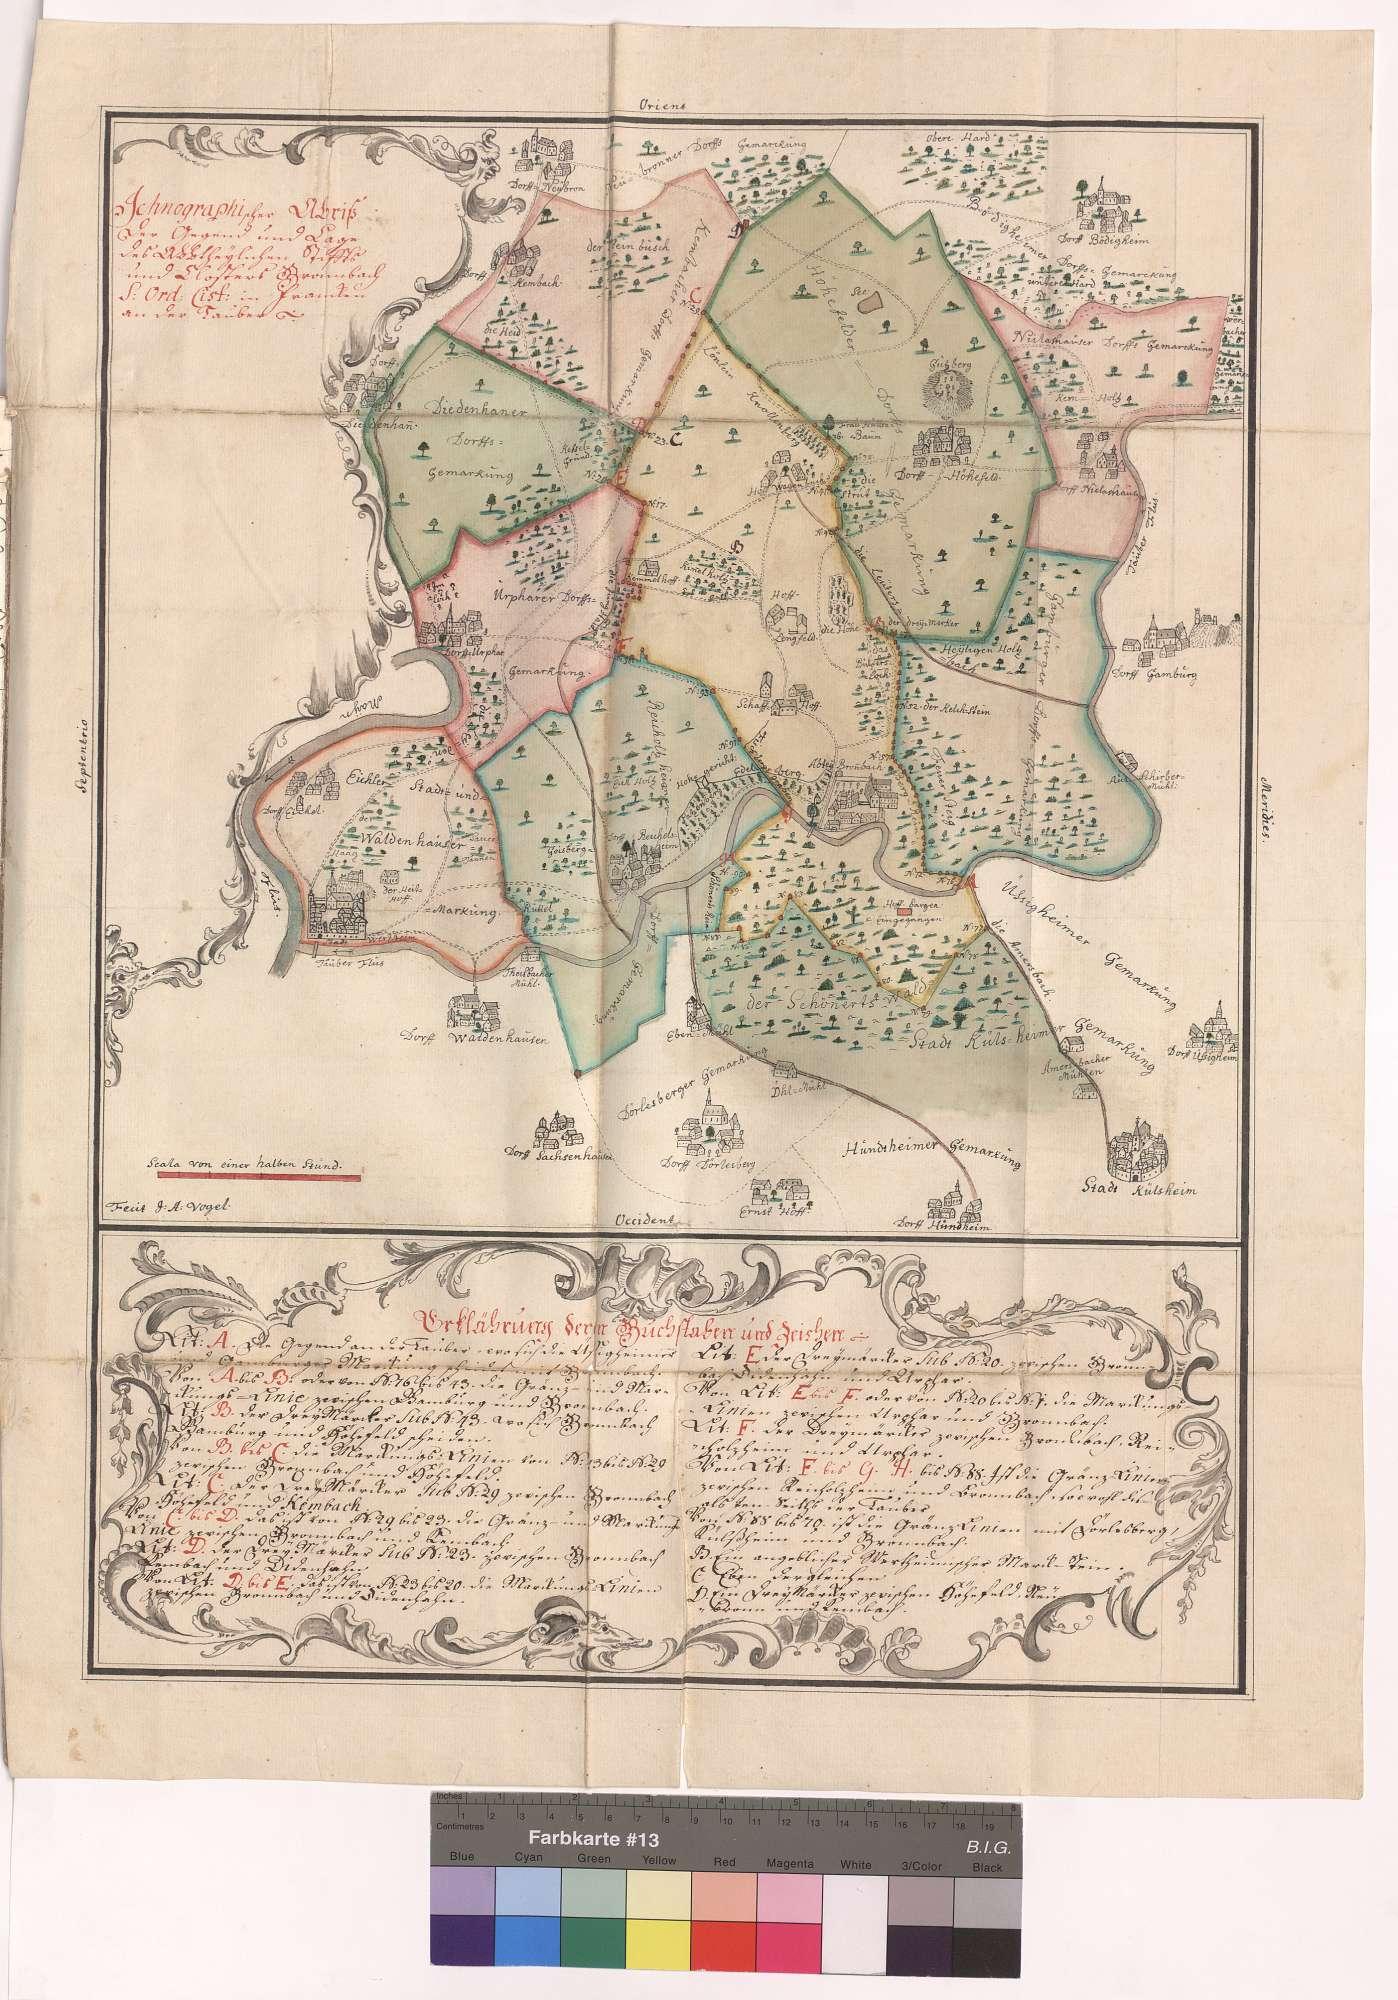 Ichnographischer Abriss der Gegend und Lage des Abteilichen Stifts und Klosters Bronnbach (ist in Franken an der Tauber), Bild 1